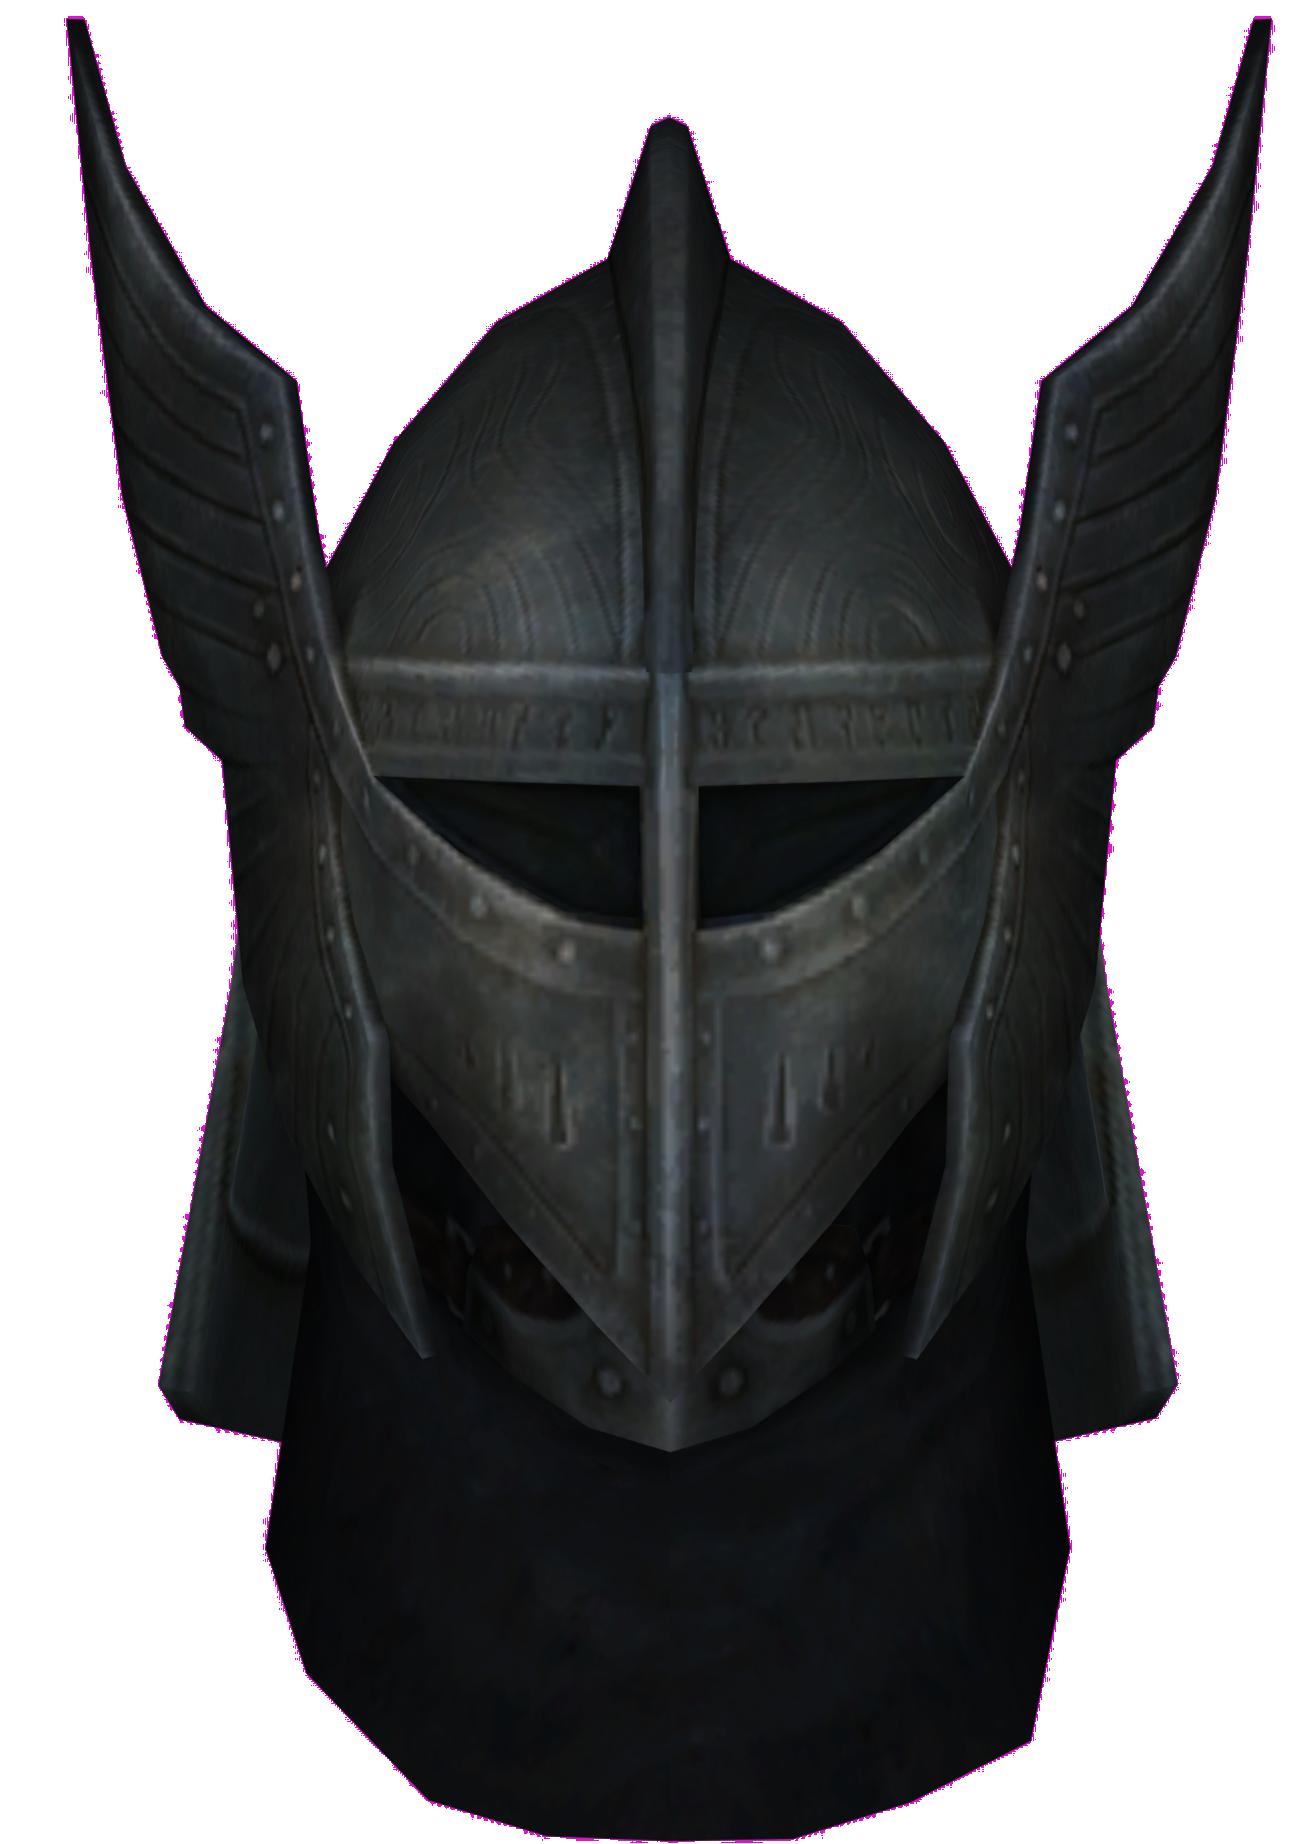 Steel Plate Helmet